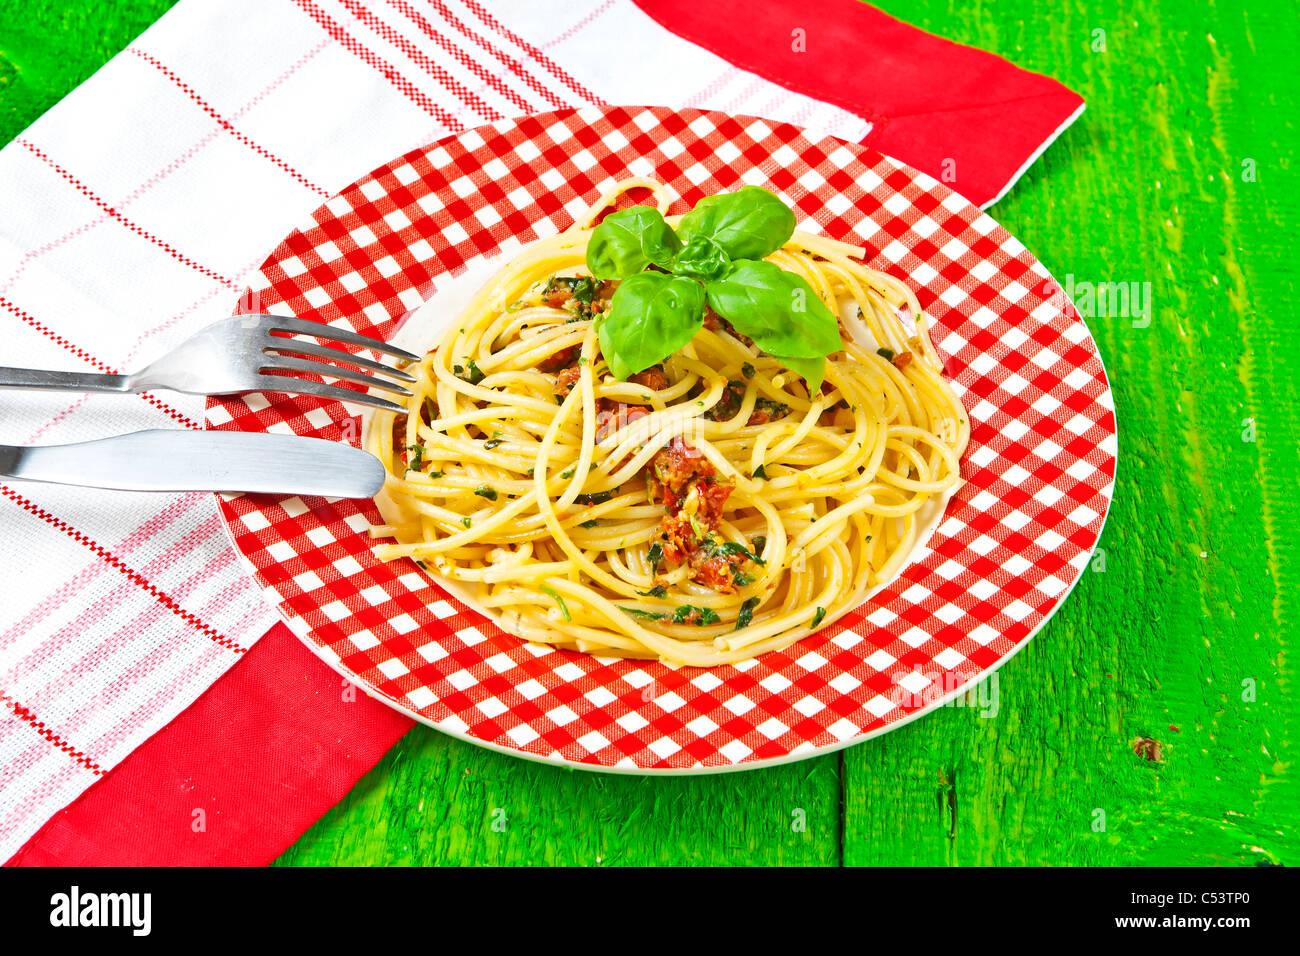 Spaghetti au pesto, fabriqué à partir de tomates séchées, Grana, pecorino, roquette, basilic, Photo Stock